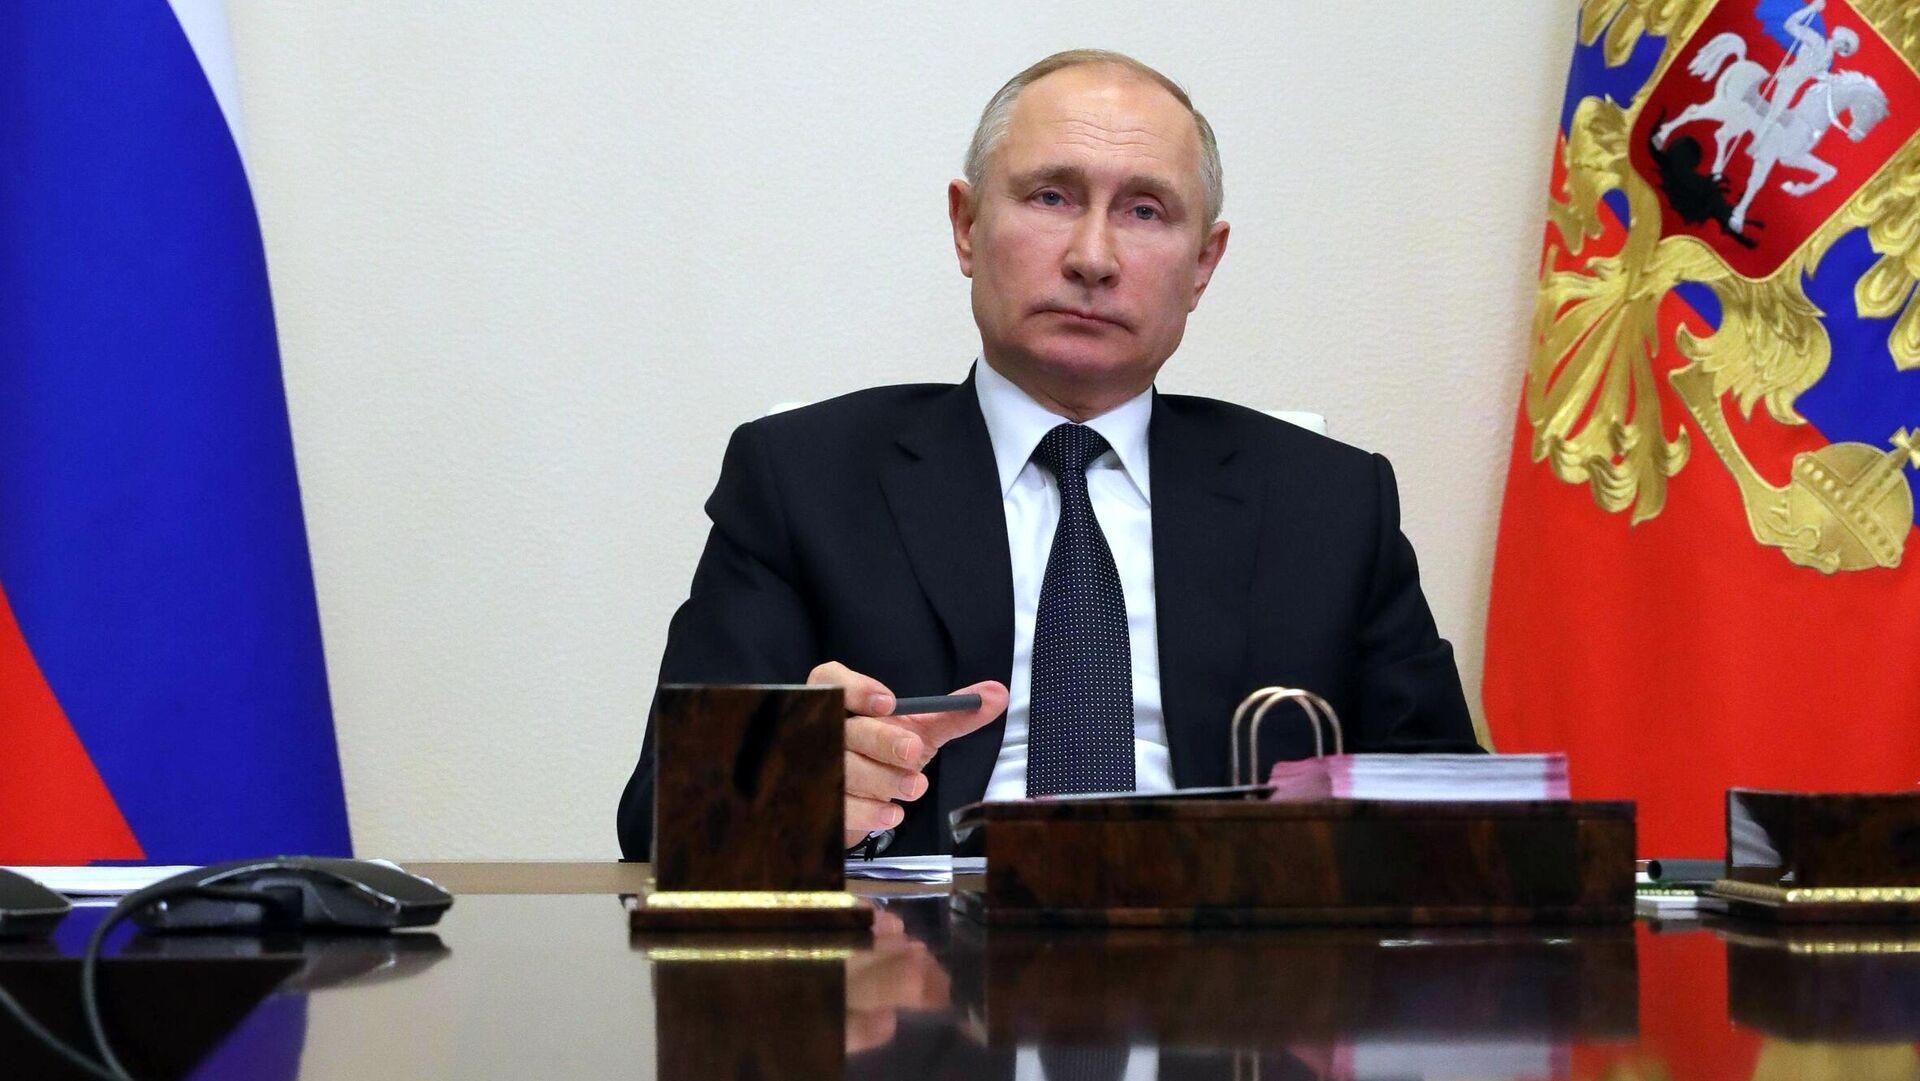 Правительство имеет все для достижения национальных целей, заявил Путин